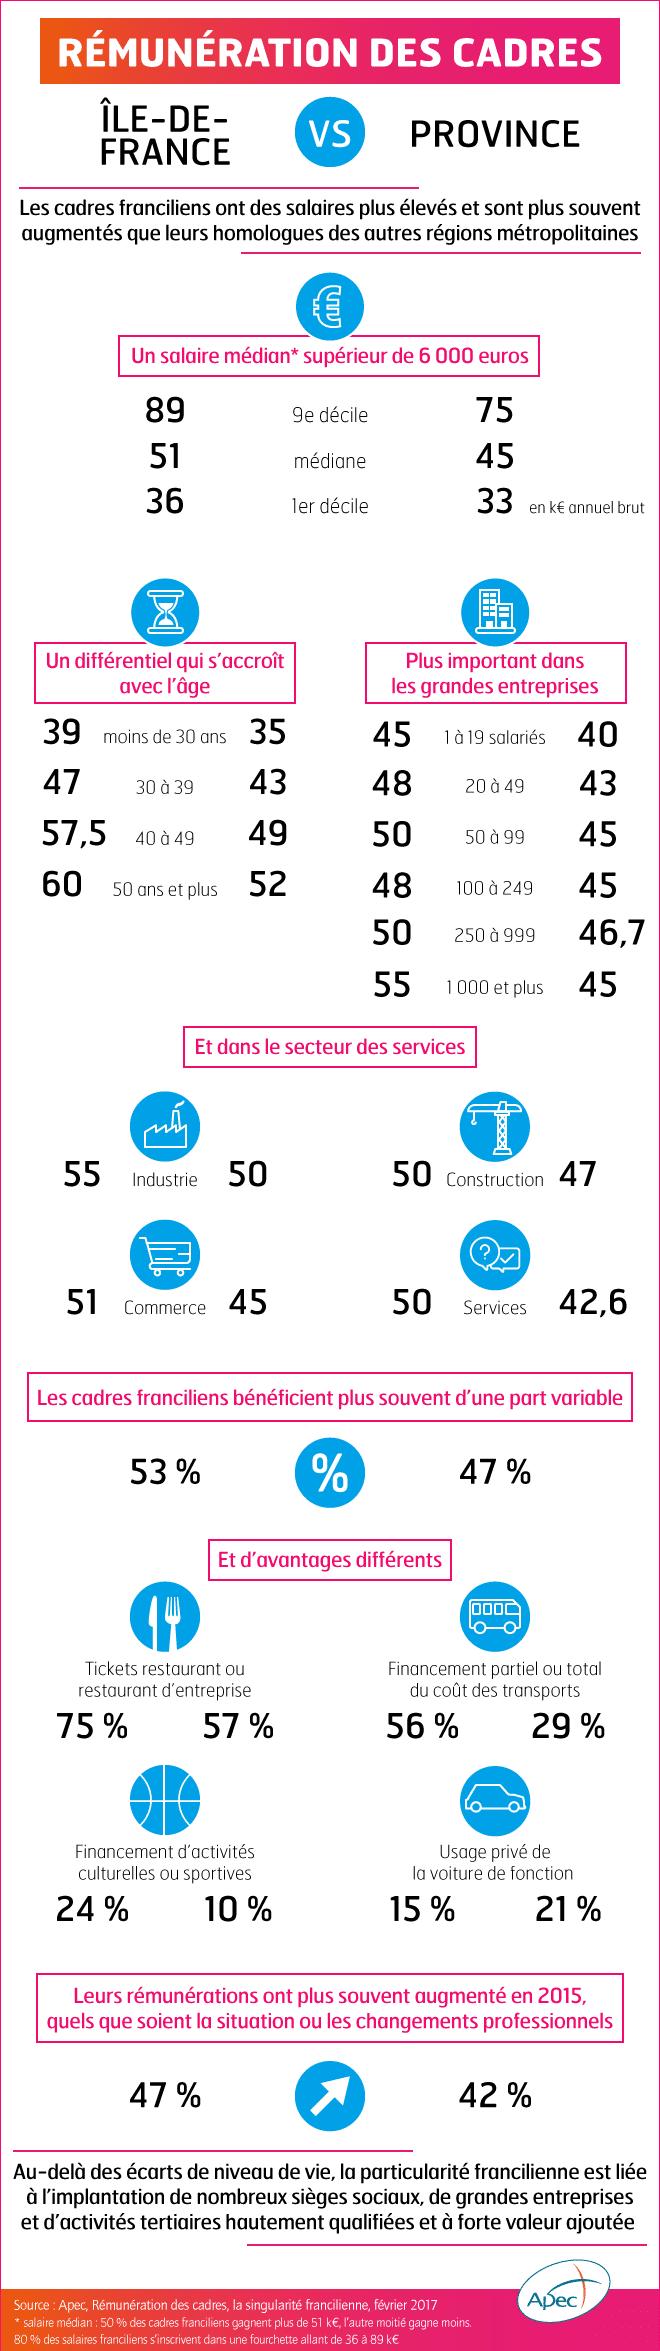 Infographie -rémunération des cadres Ile-de-France vs Province